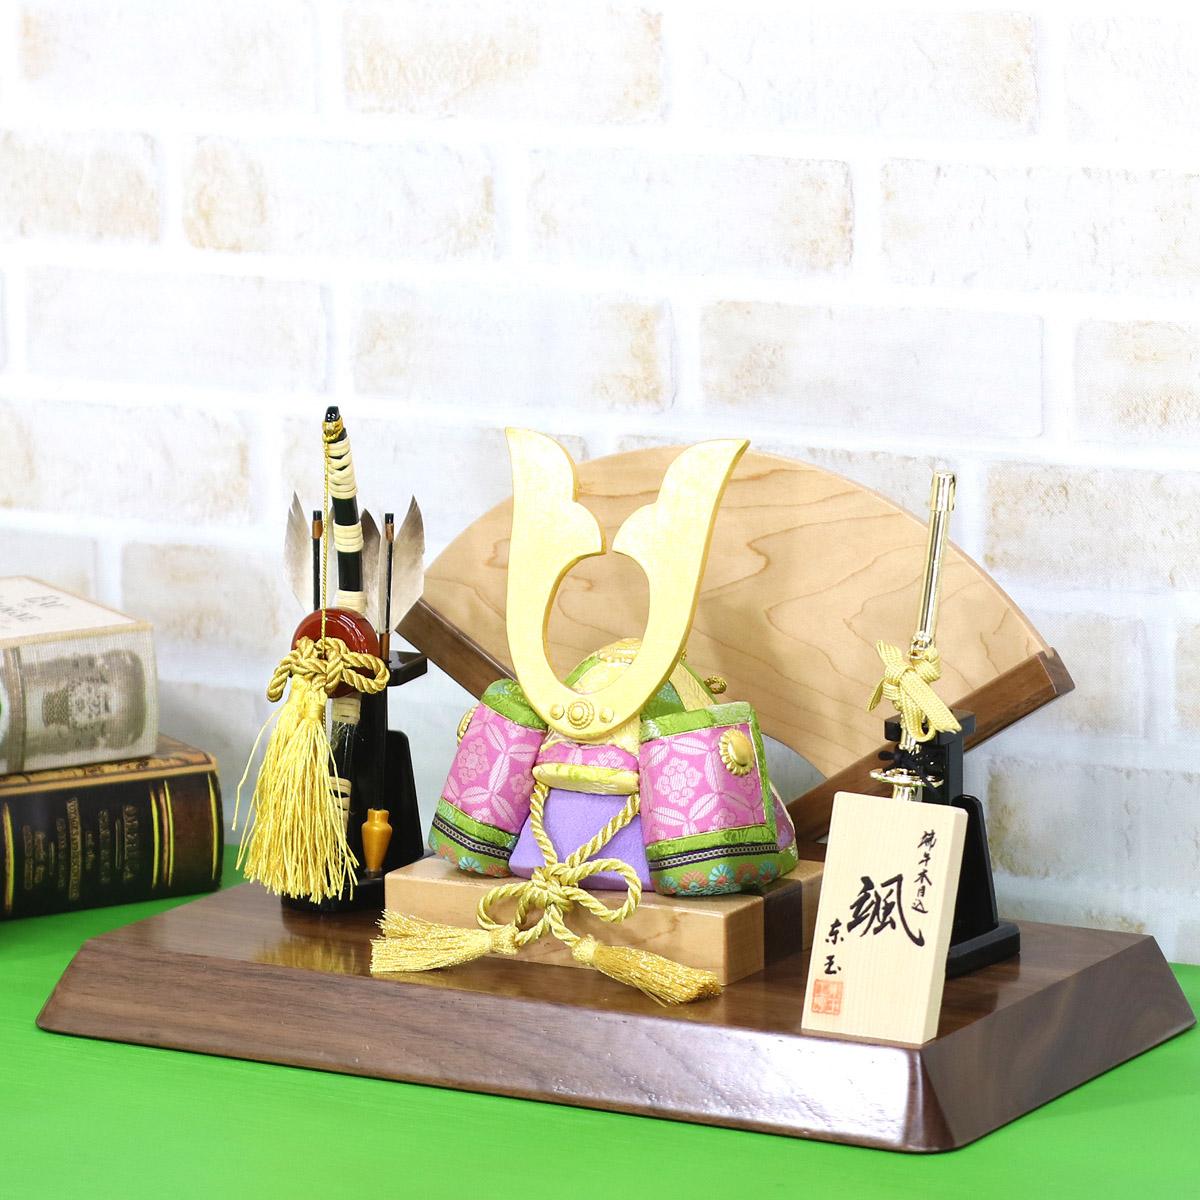 五月人形 東玉 木目込み 兜飾り 颯シリーズ 「緑」 高級木材使用 扇型屏風 飾り台セット ≪GOTG-NO14-W13≫コンパクト おしゃれ 五月人形 兜 木目込み飾り